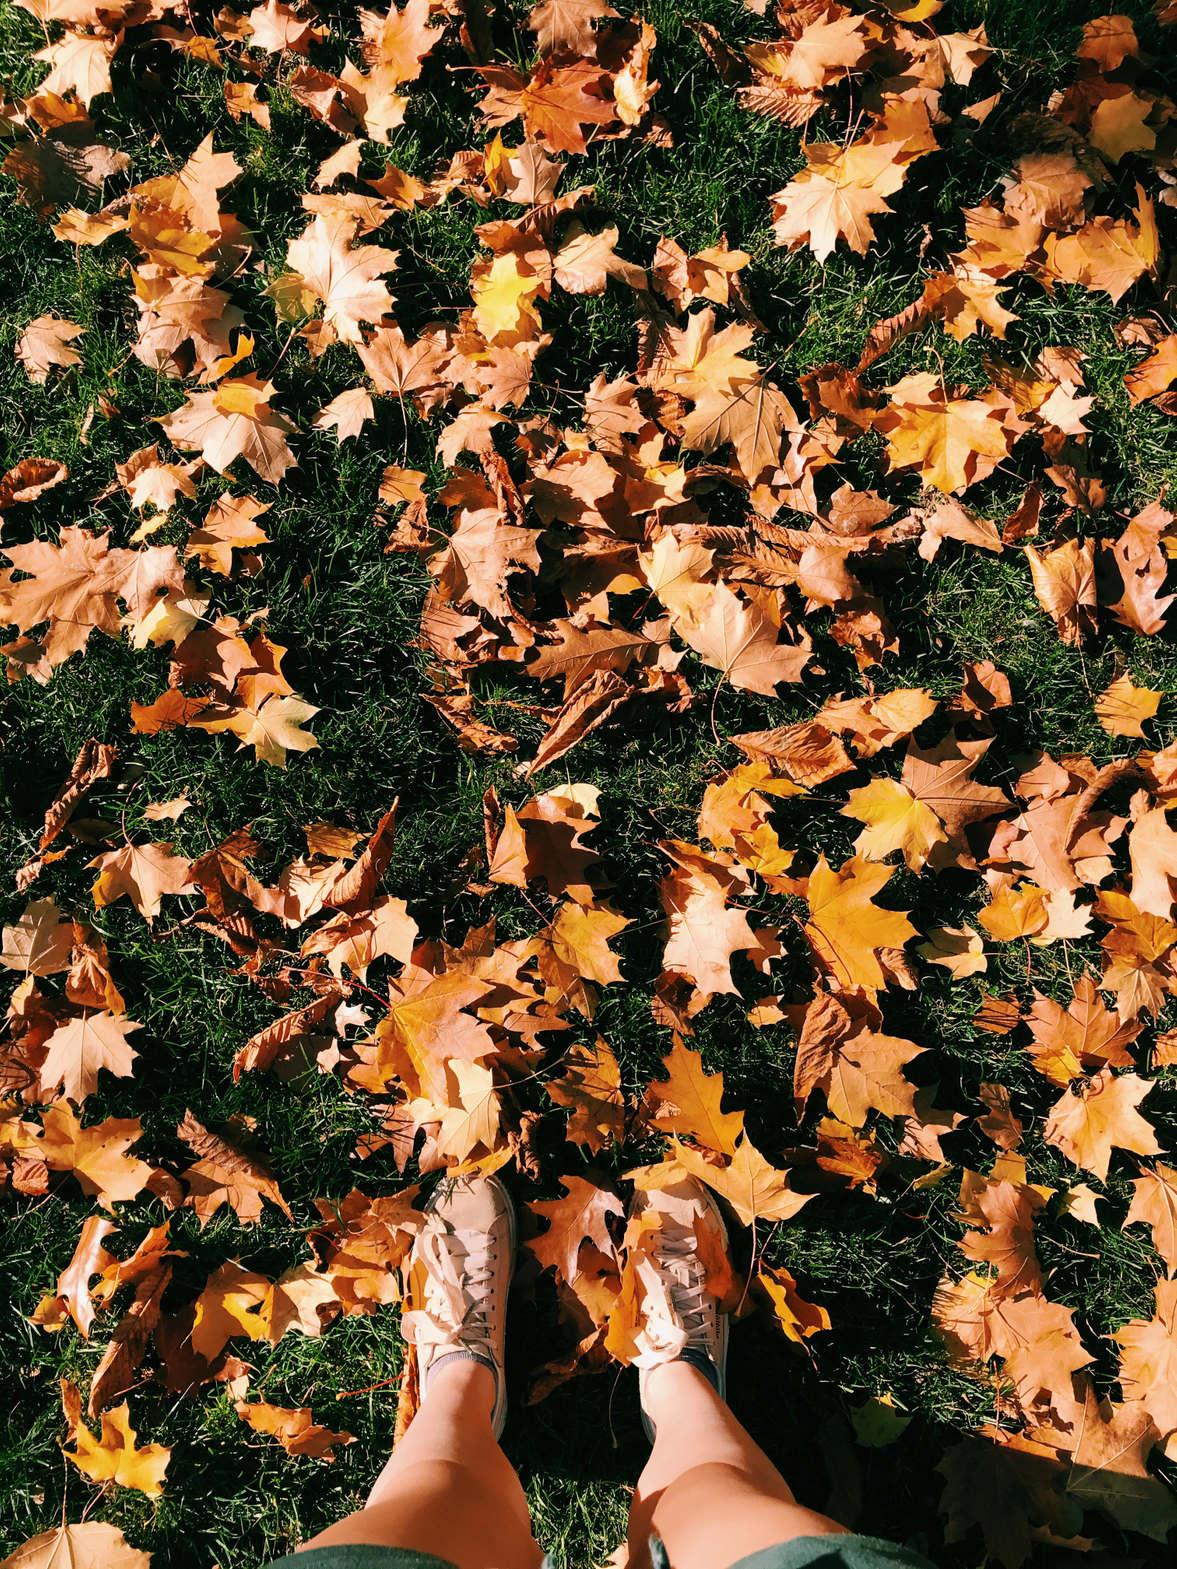 """<p>Polska złota jesień nazywana jest potocznie """"babim latem"""". To okres słonecznej pogody i dosyć wysokiej temperatury we wrześniu oraz październiku. W tym roku pogoda nas rozpieszcza.</p>"""